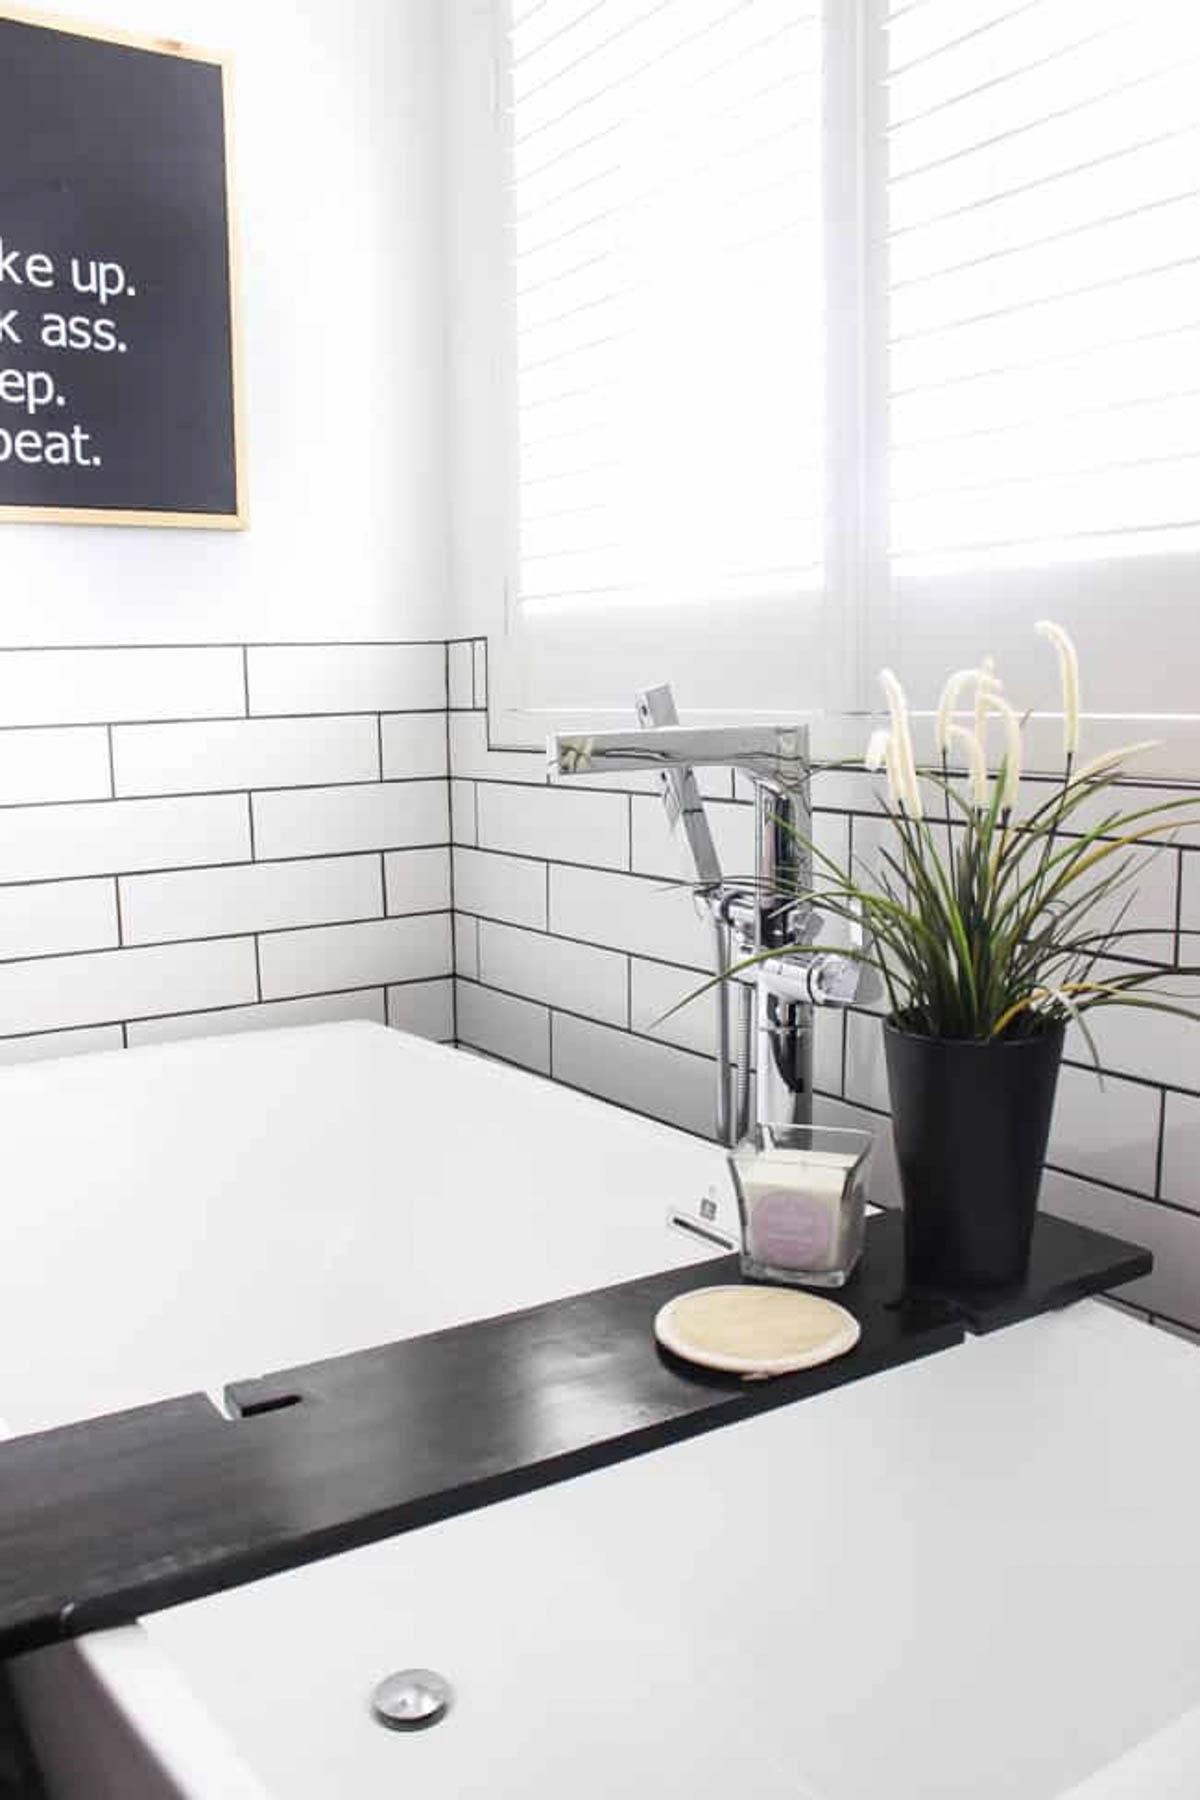 Bath tray in remodeled bathroom